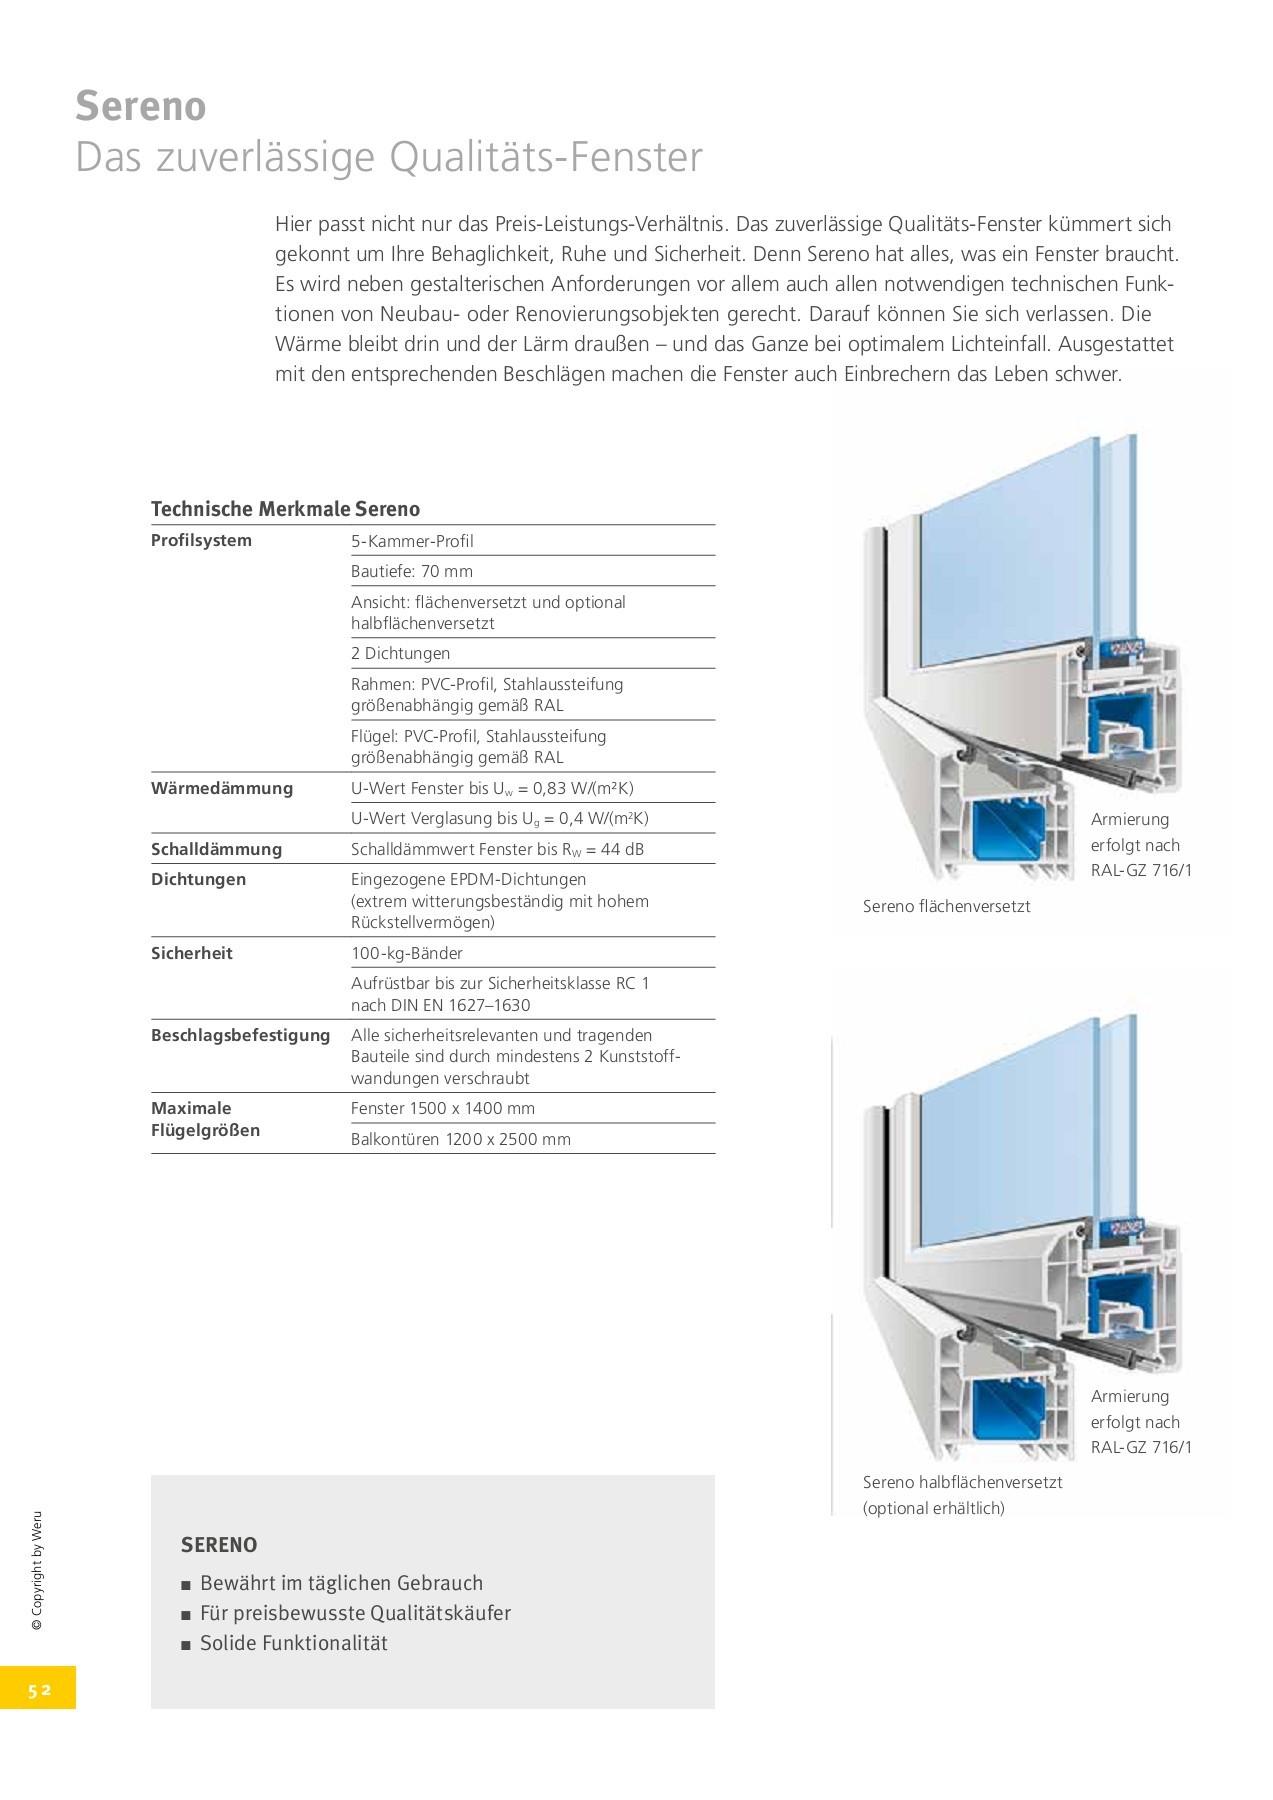 Full Size of Rc 2 Fenster Kosten Beschlag Preis Rc2 Fenstergriff Test Anforderungen Montage Definition Ausstattung Fenstergitter Weru Fensterbuch Genau Mein Pages 51 98 Fenster Rc 2 Fenster